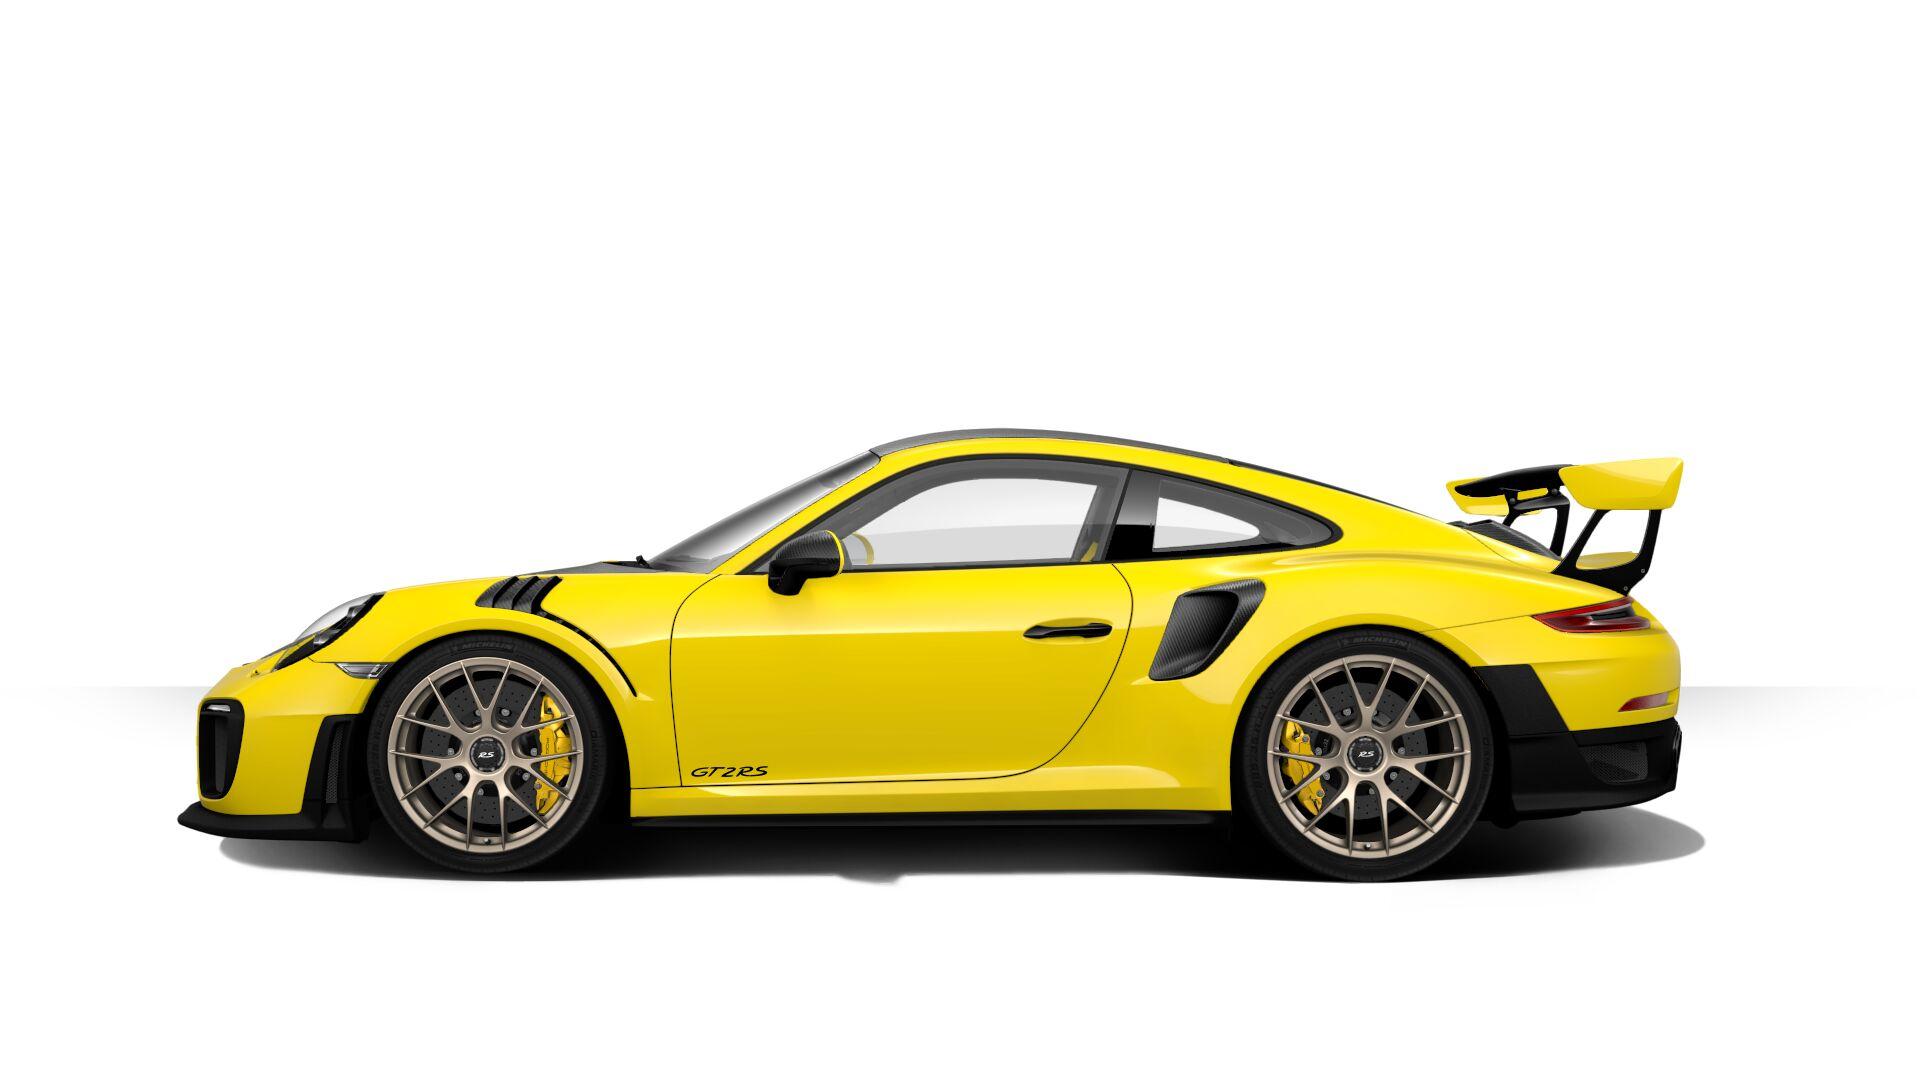 Клиенты могут выбирать из четырех стандартных цветов, включая черный, белый, «гвардейский красный» и «гоночный желтый». Известными дополнительными цветами являются «GT Silver Metallic», необычный «Crayon», роскошный «Lava Orange» и великолепный «Майа